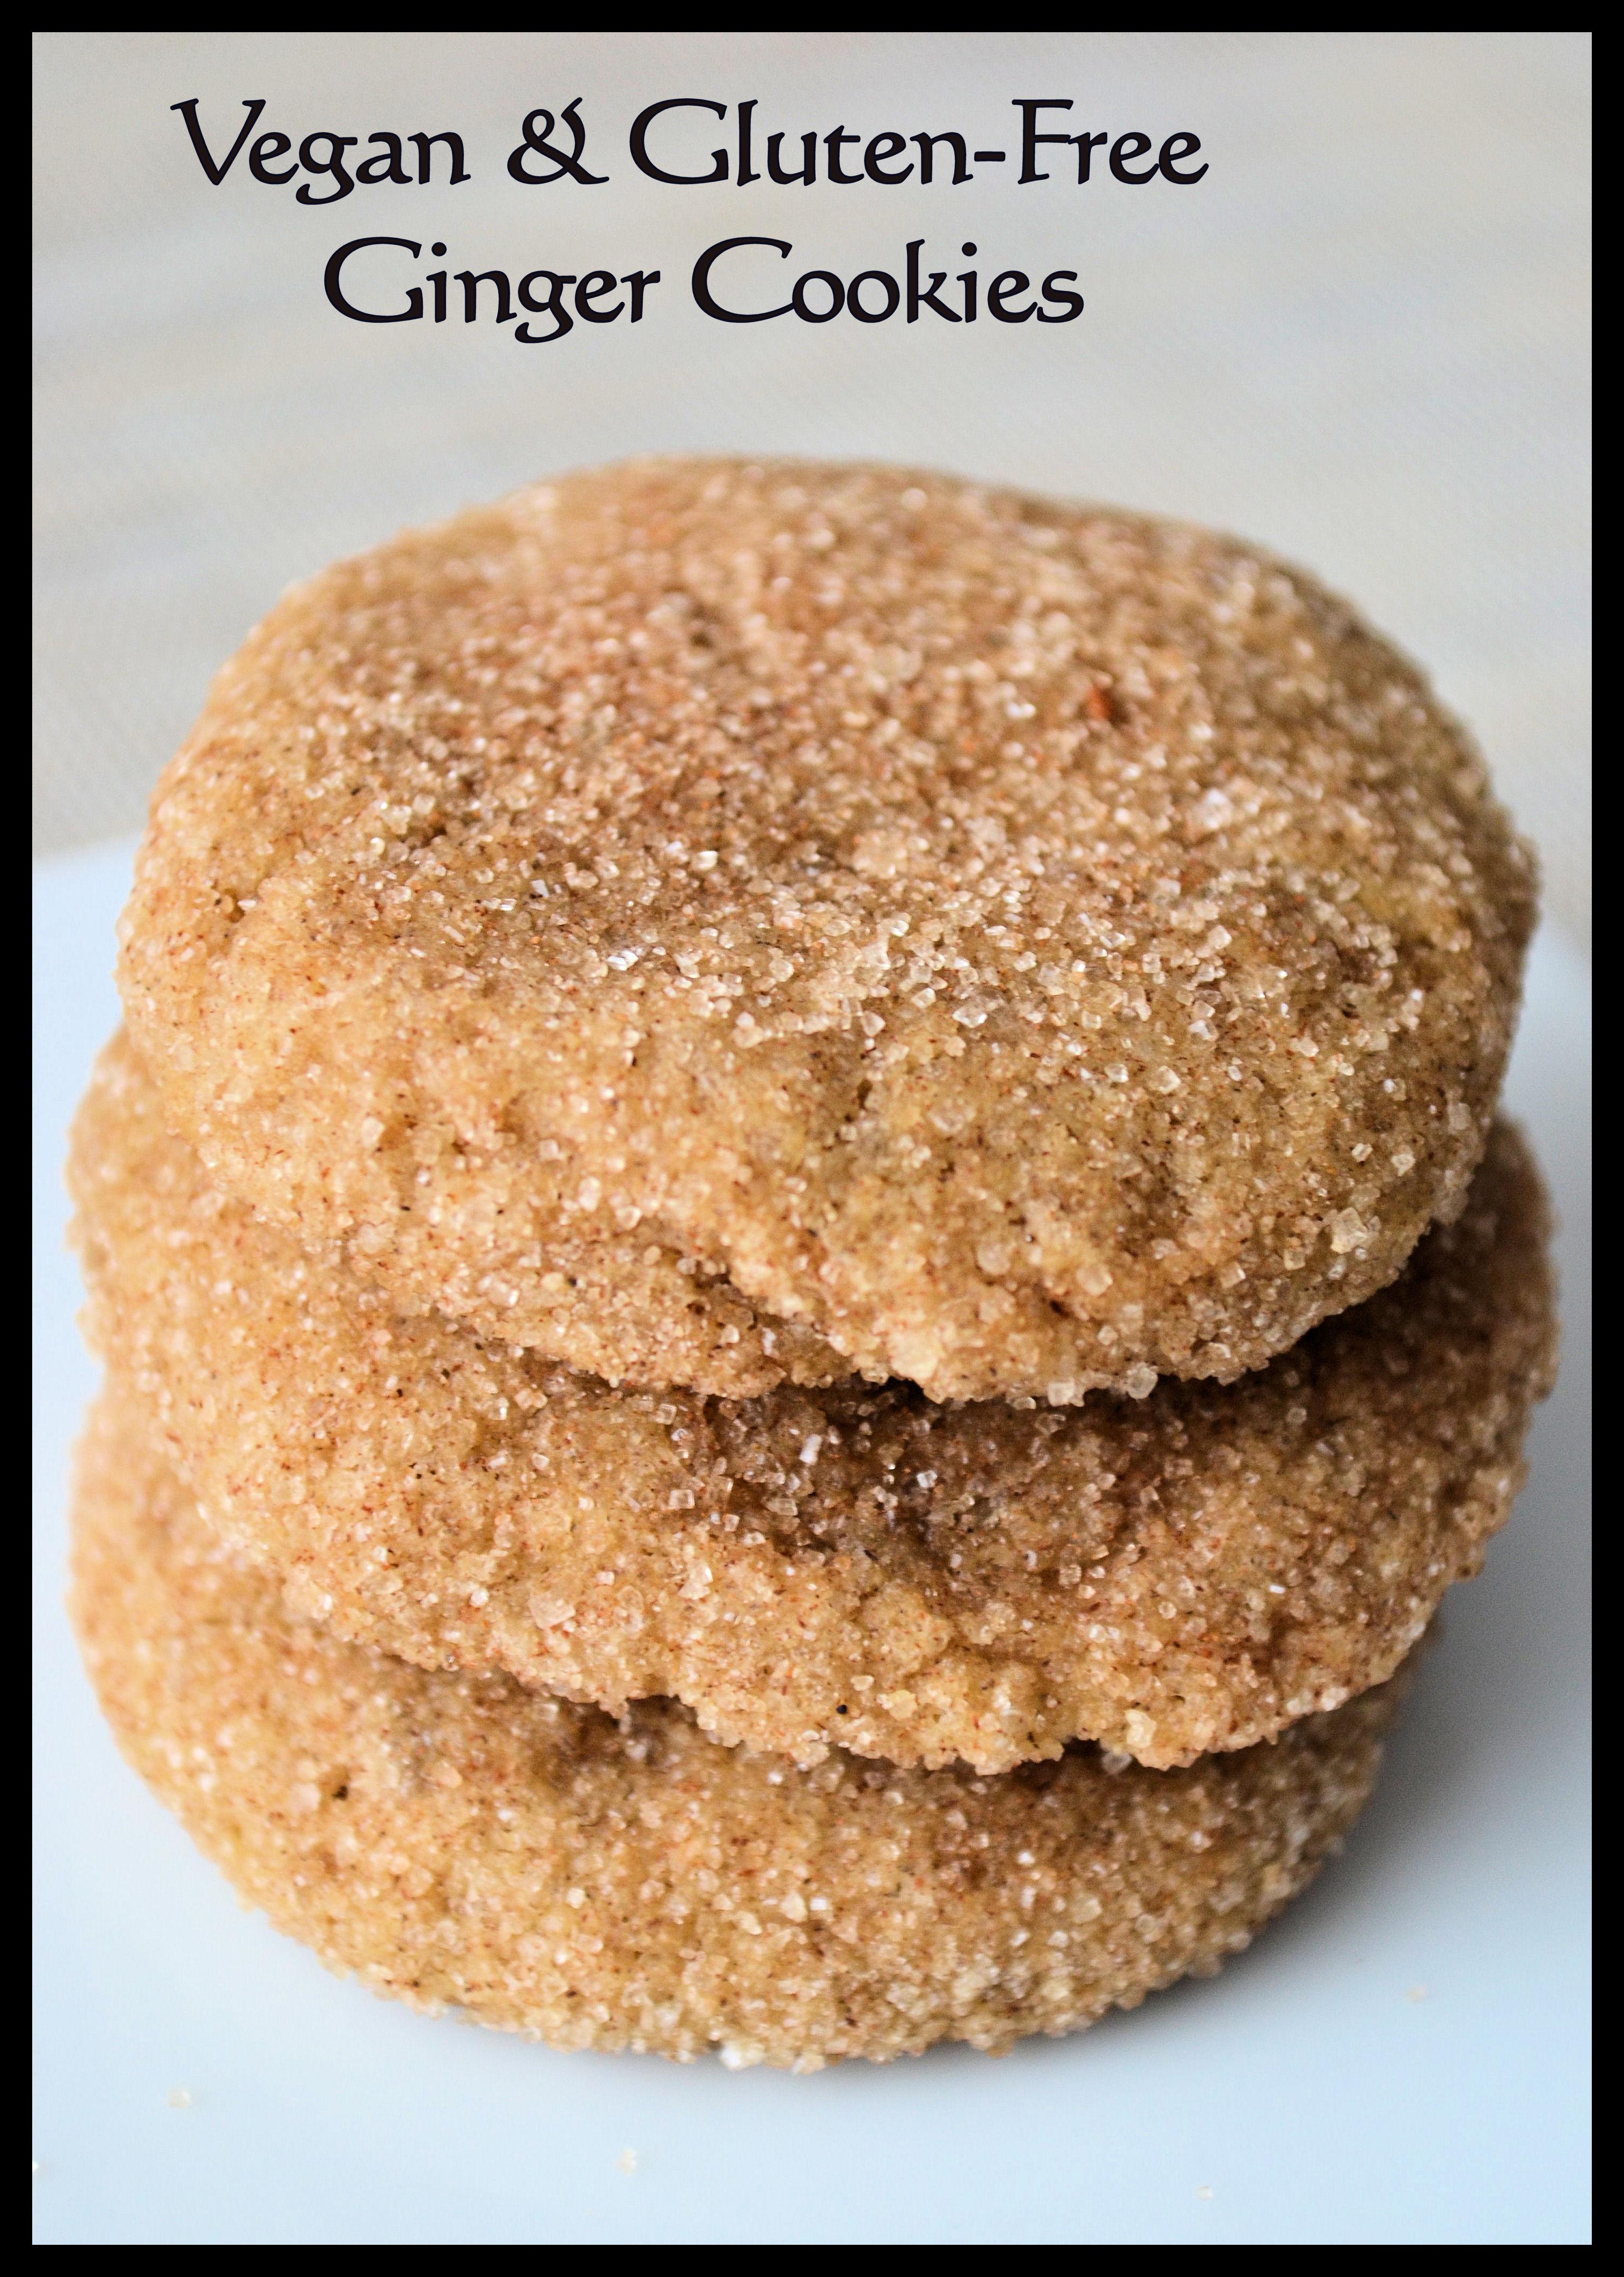 Vegan & Gluten-free Ginger Cookies 1